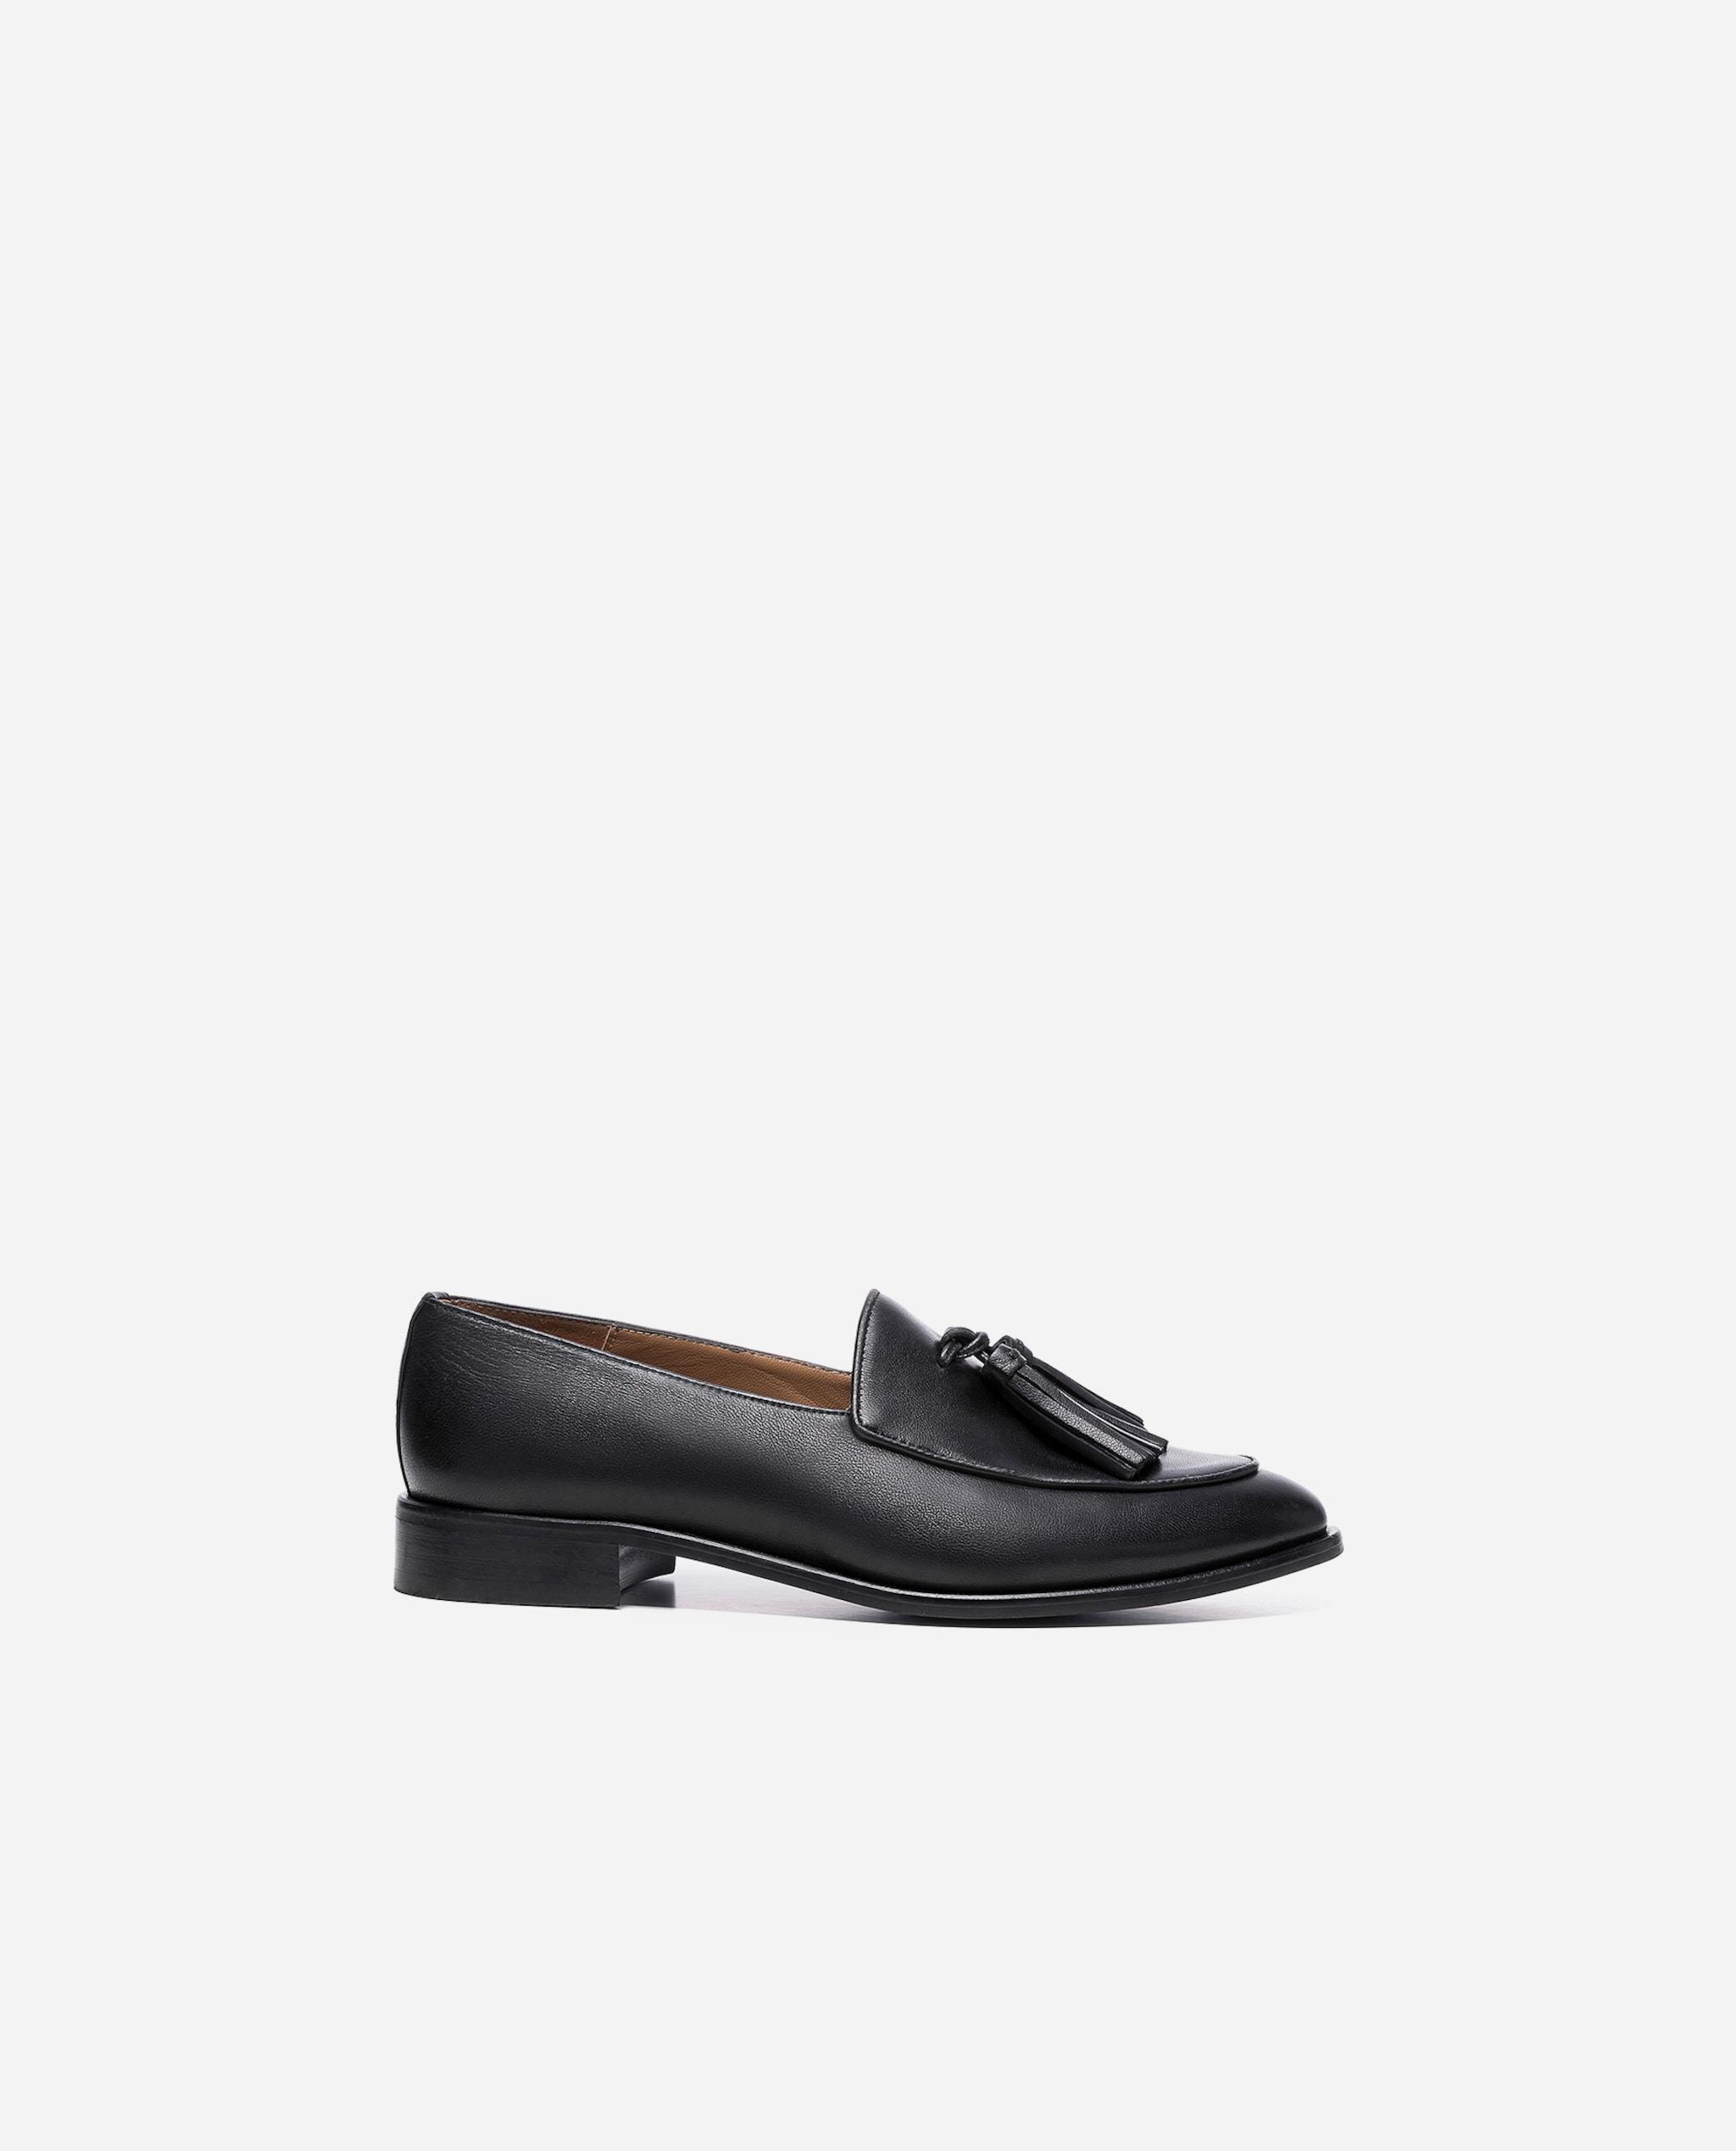 Isabel Leather Black